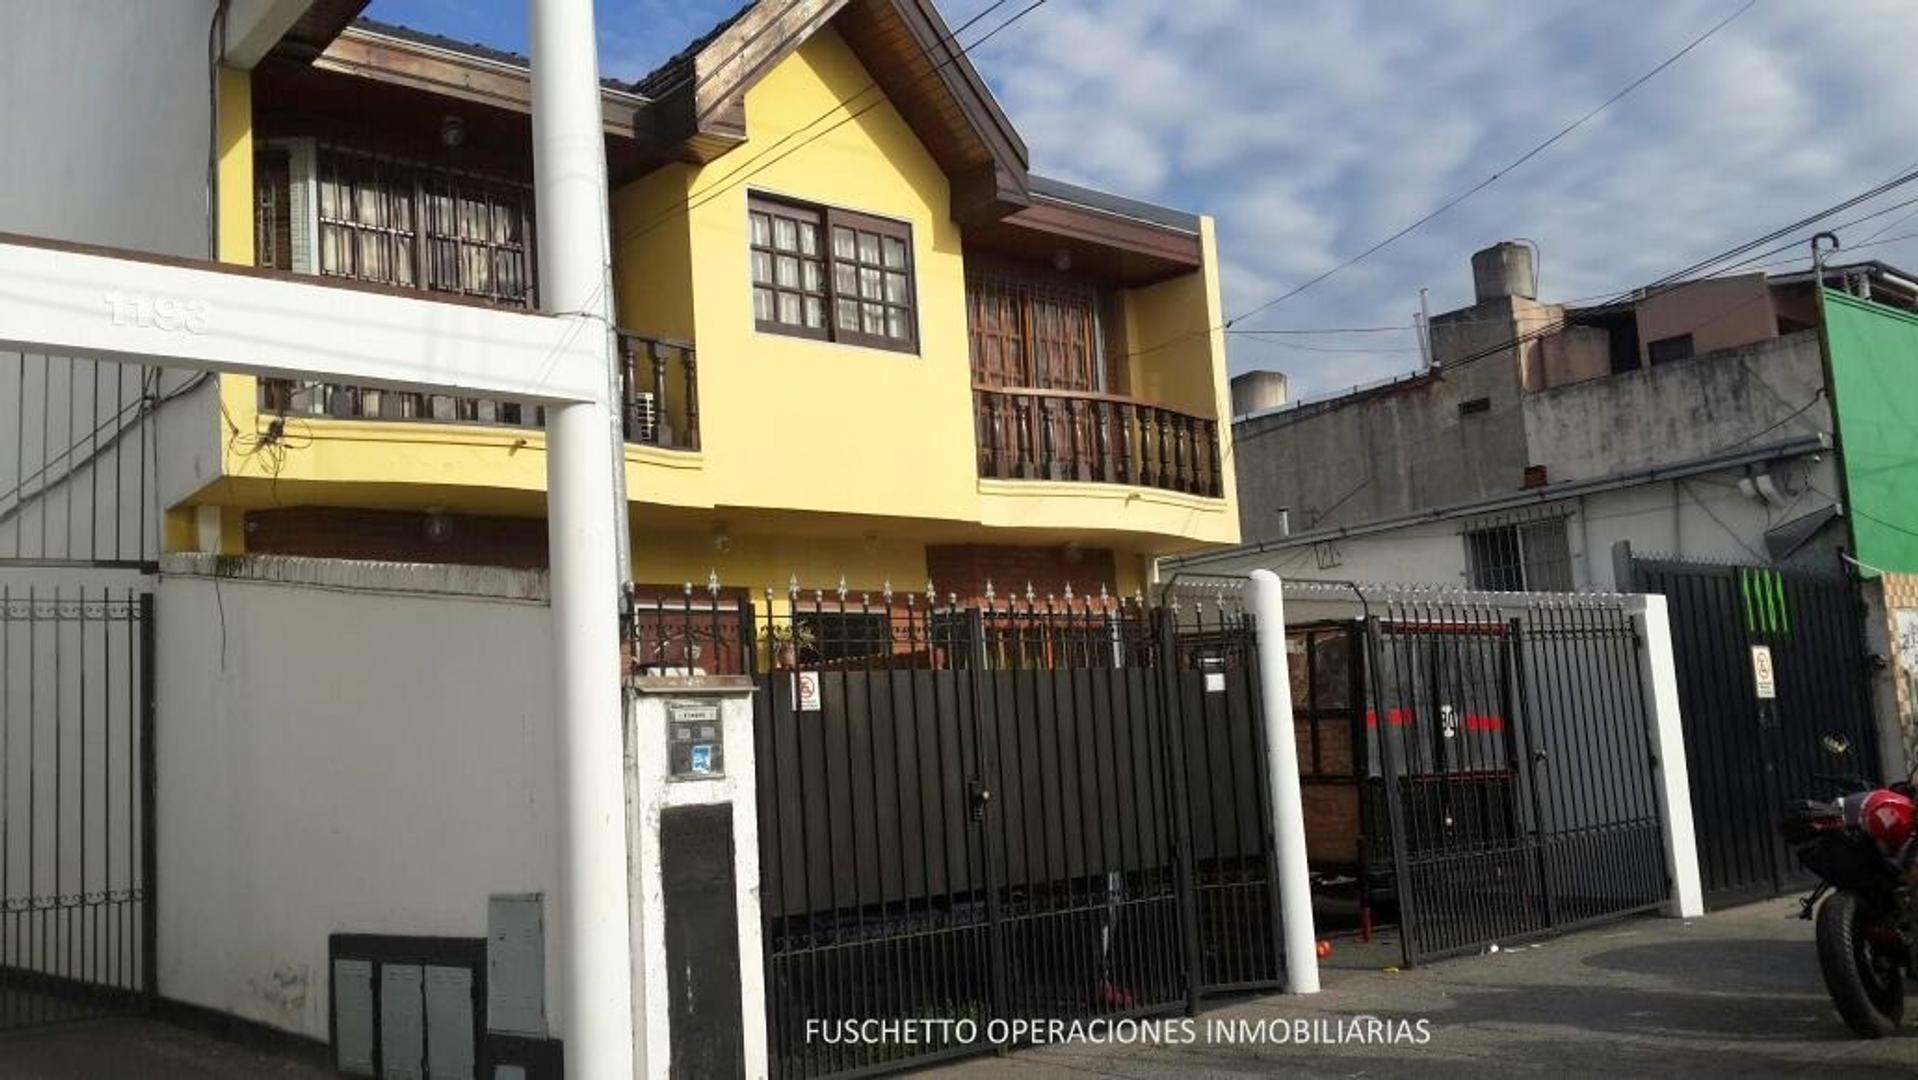 Duplex 4 Amb. en Ciudad Madero - Venta (Cod. 827)